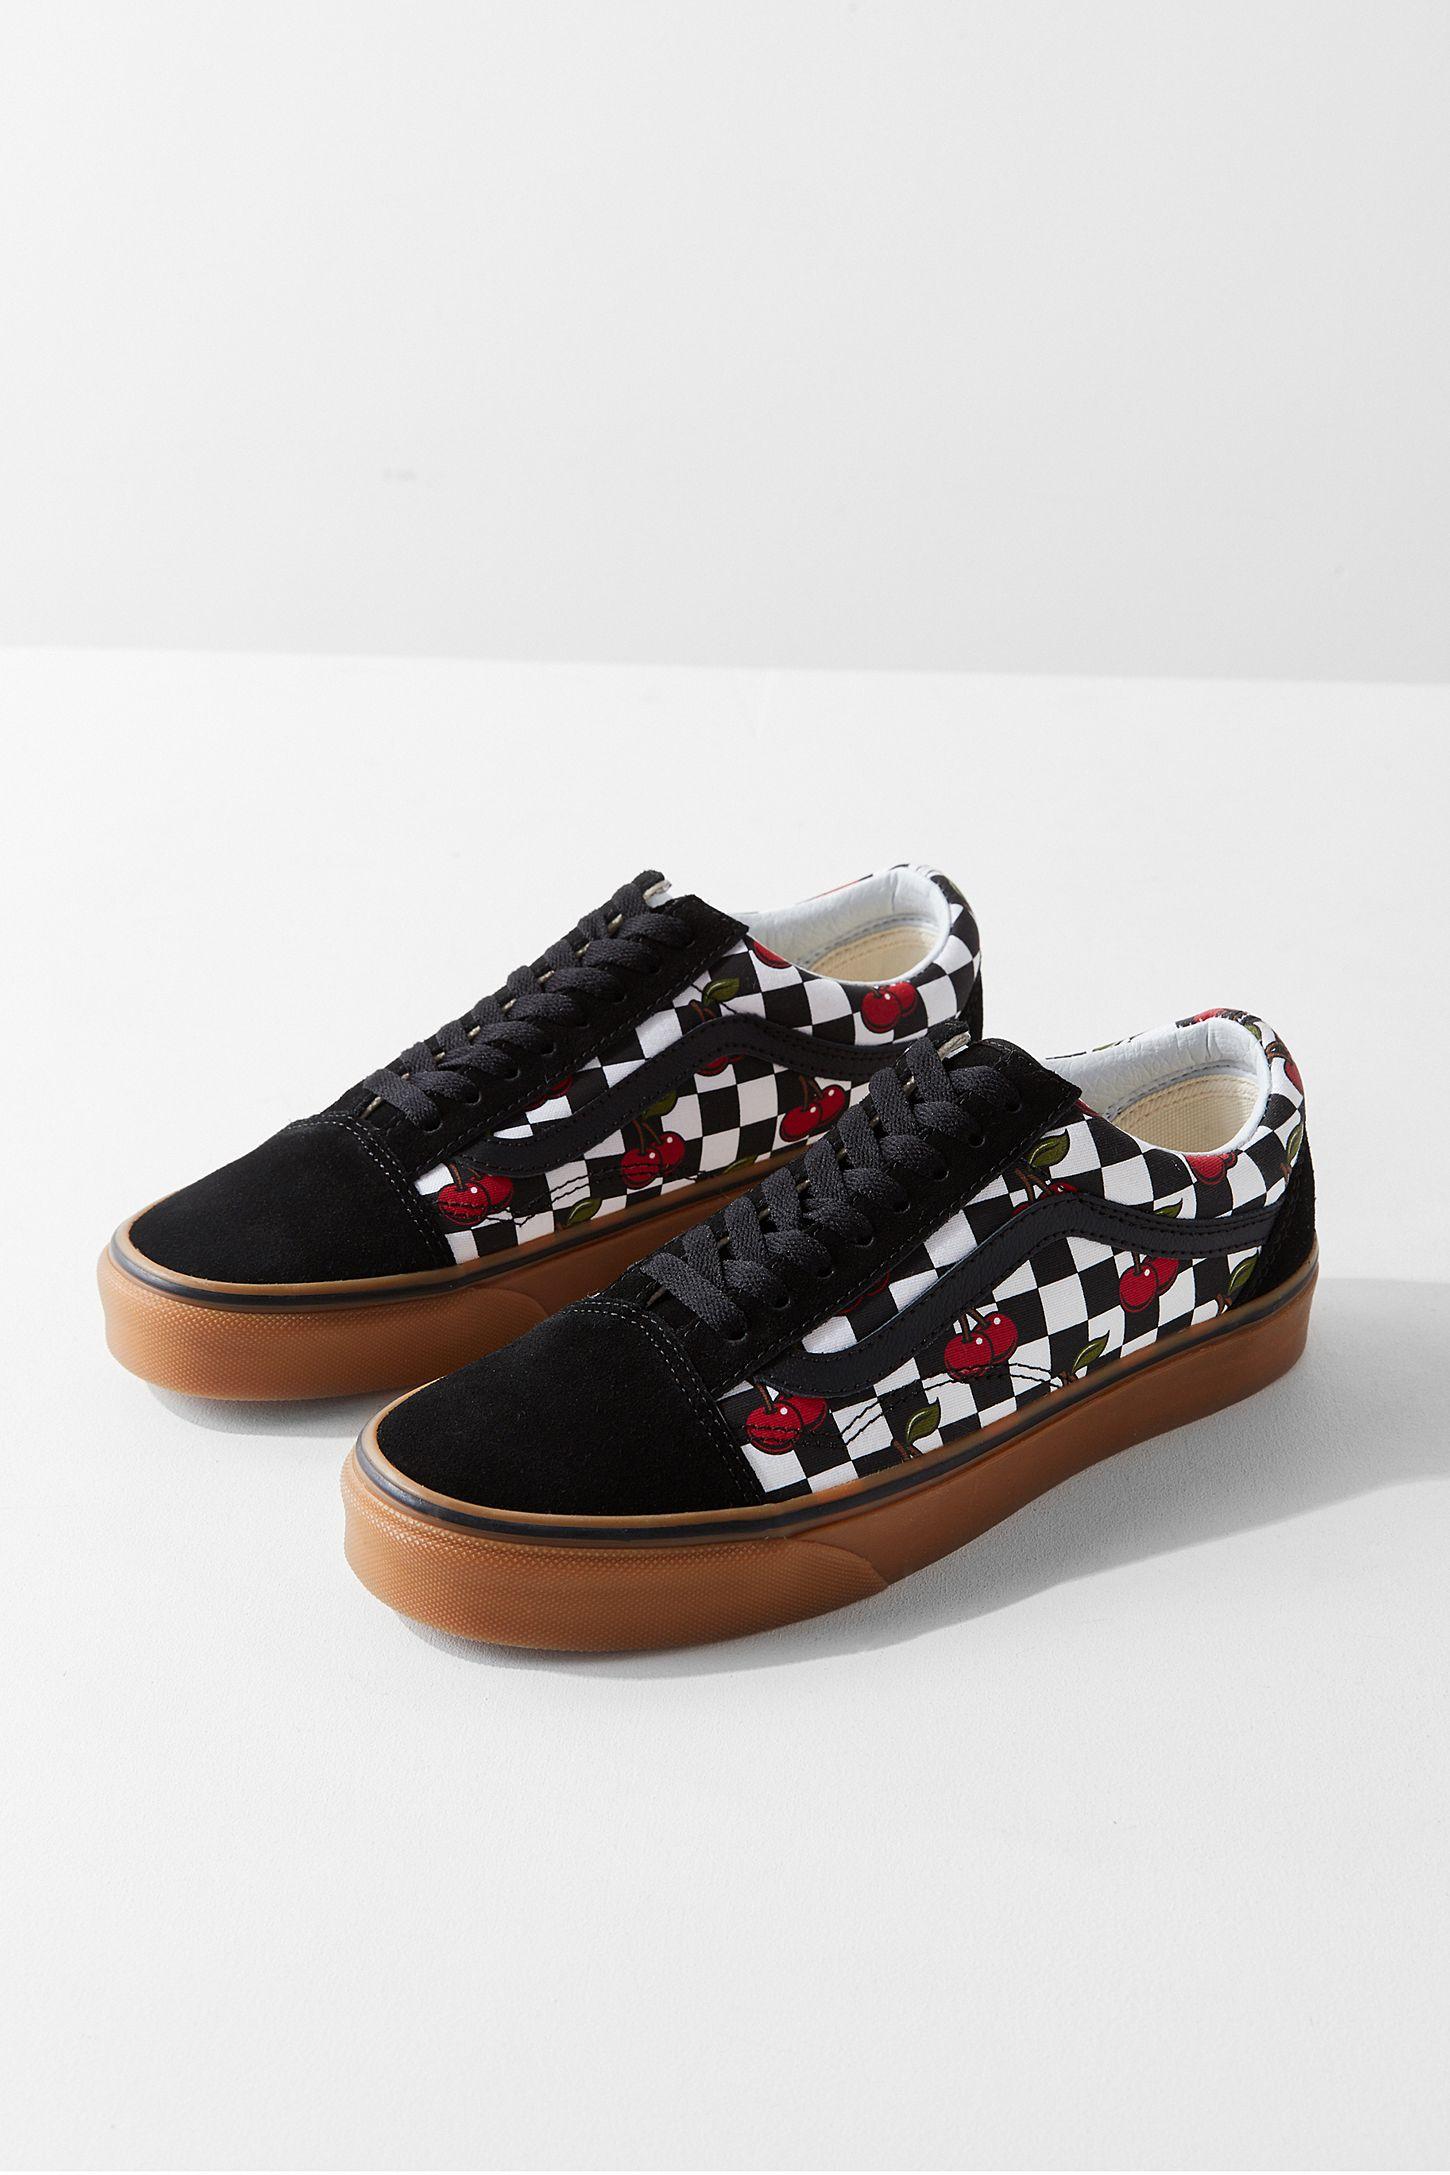 78853d1c9fd29 Vans Cherry Checkerboard Old Skool Sneaker